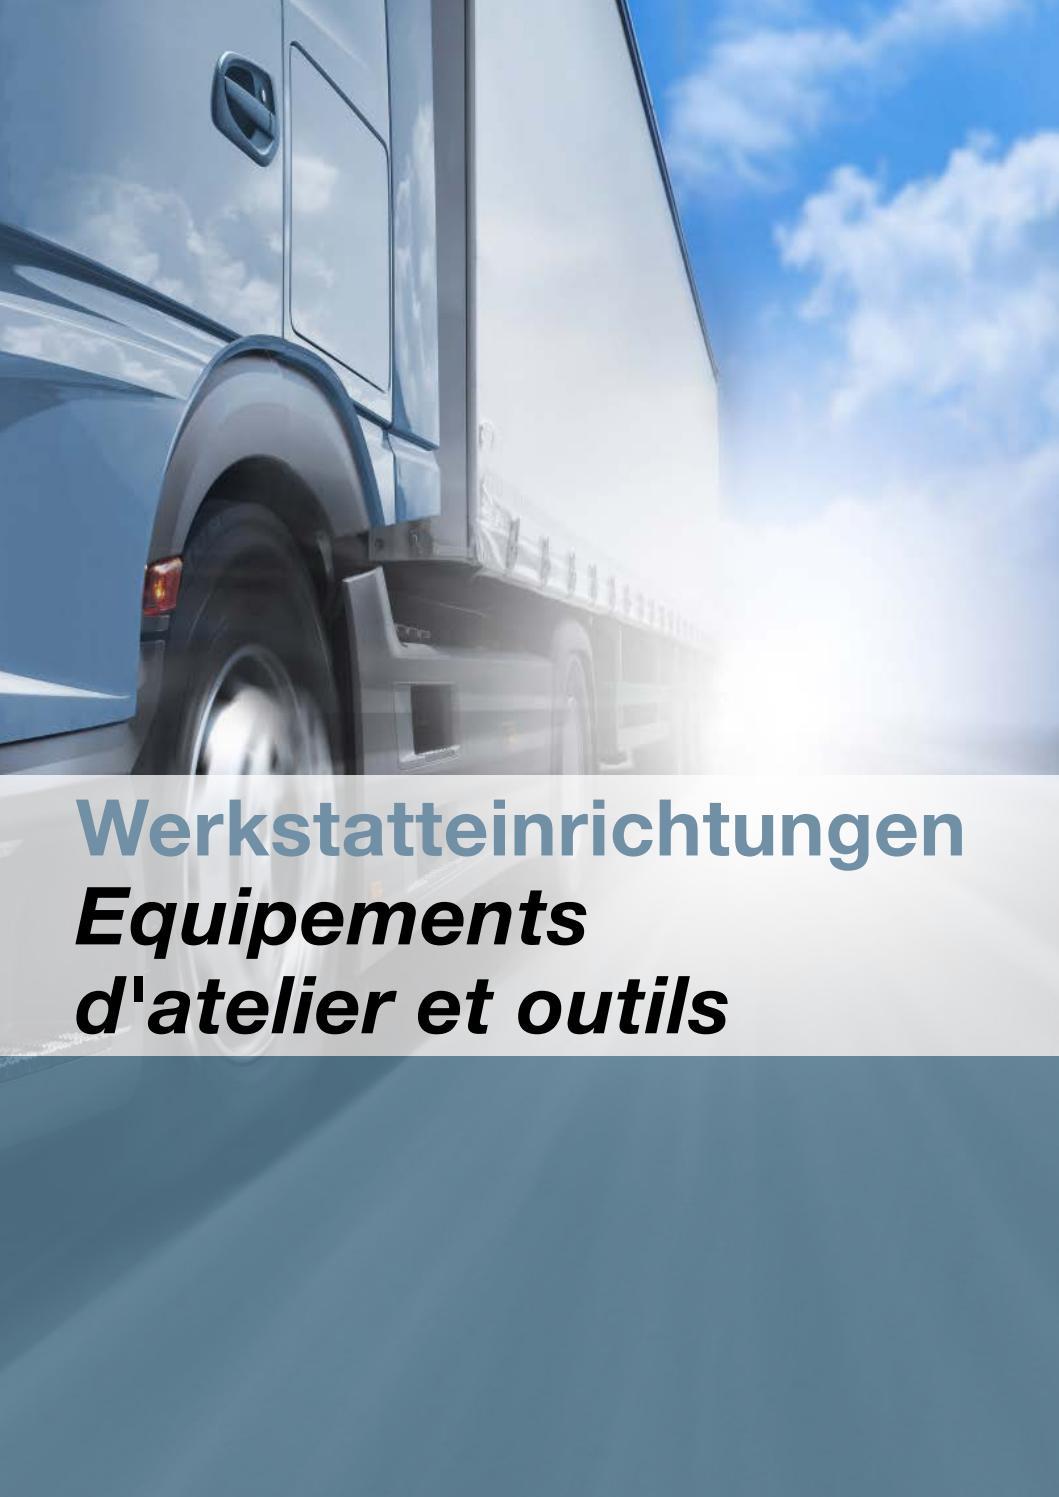 Ventilverlängerung Lkw 115° Metall Ventil 2 Stück Motorrad Luftdruck prüfen